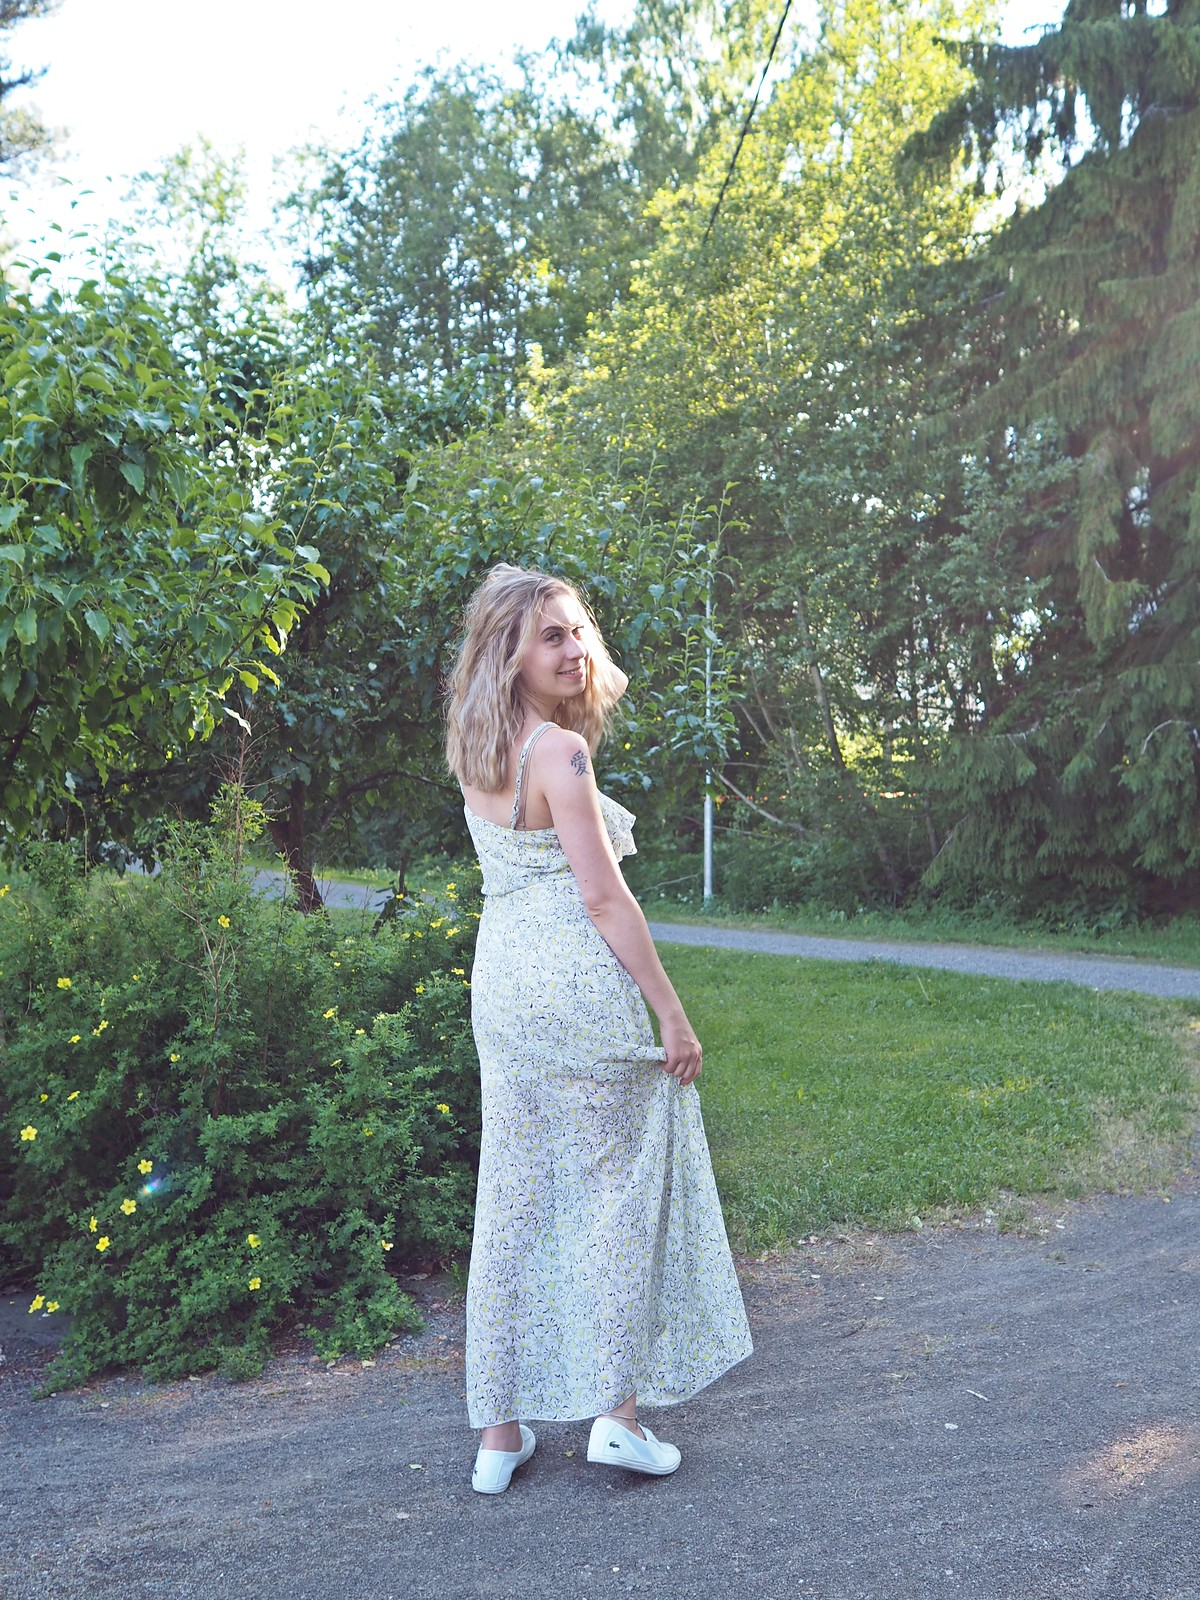 12 kesäistä kysymystä blogihaaste